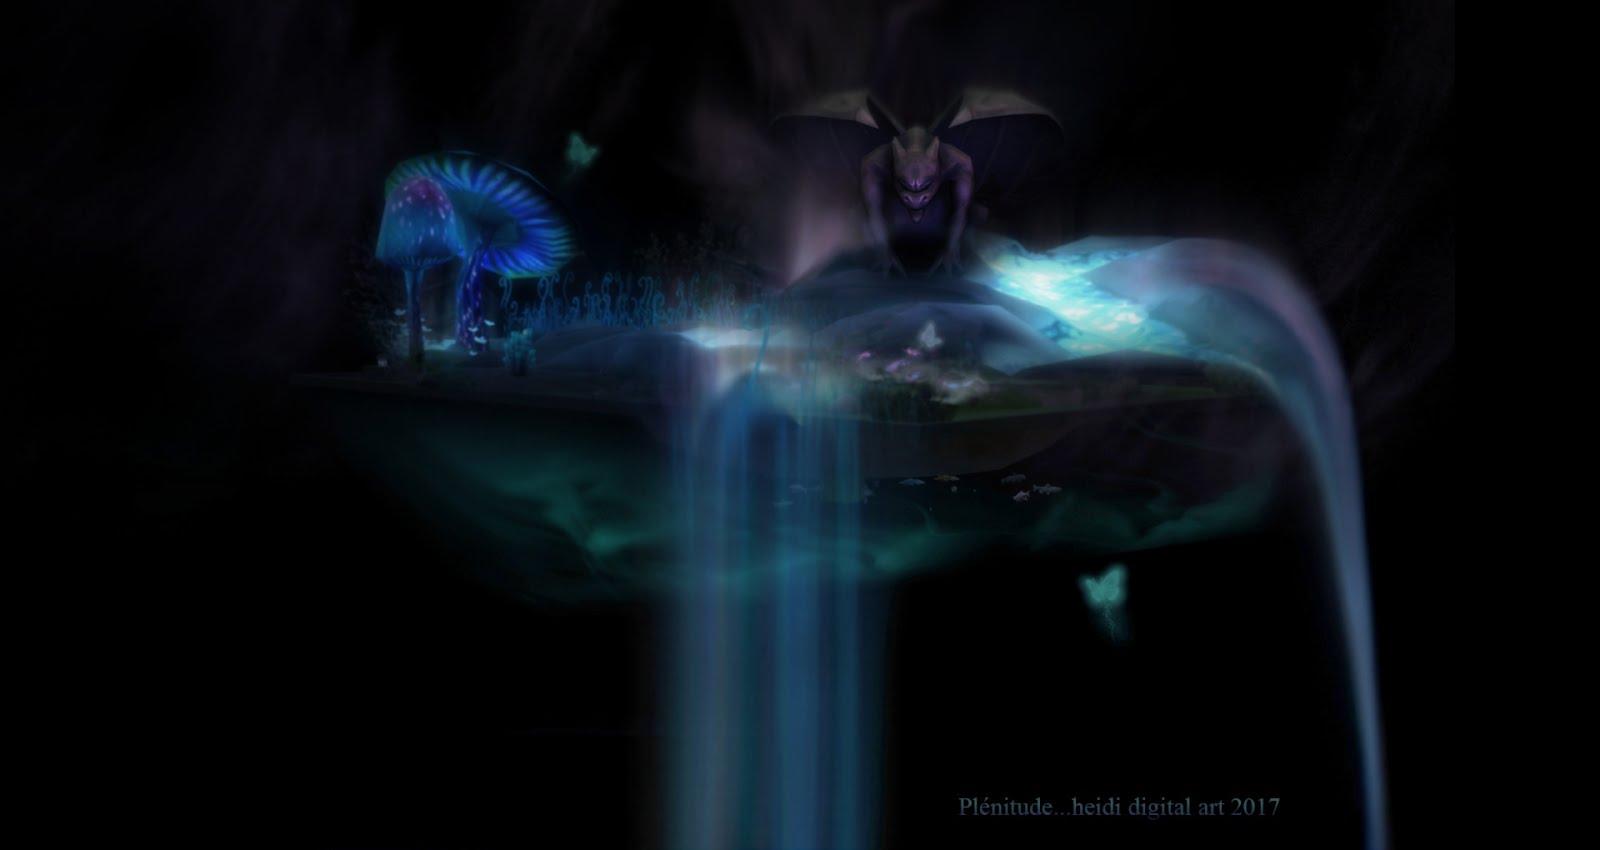 Une de mes créations sur base de captures du jeu Sims 4